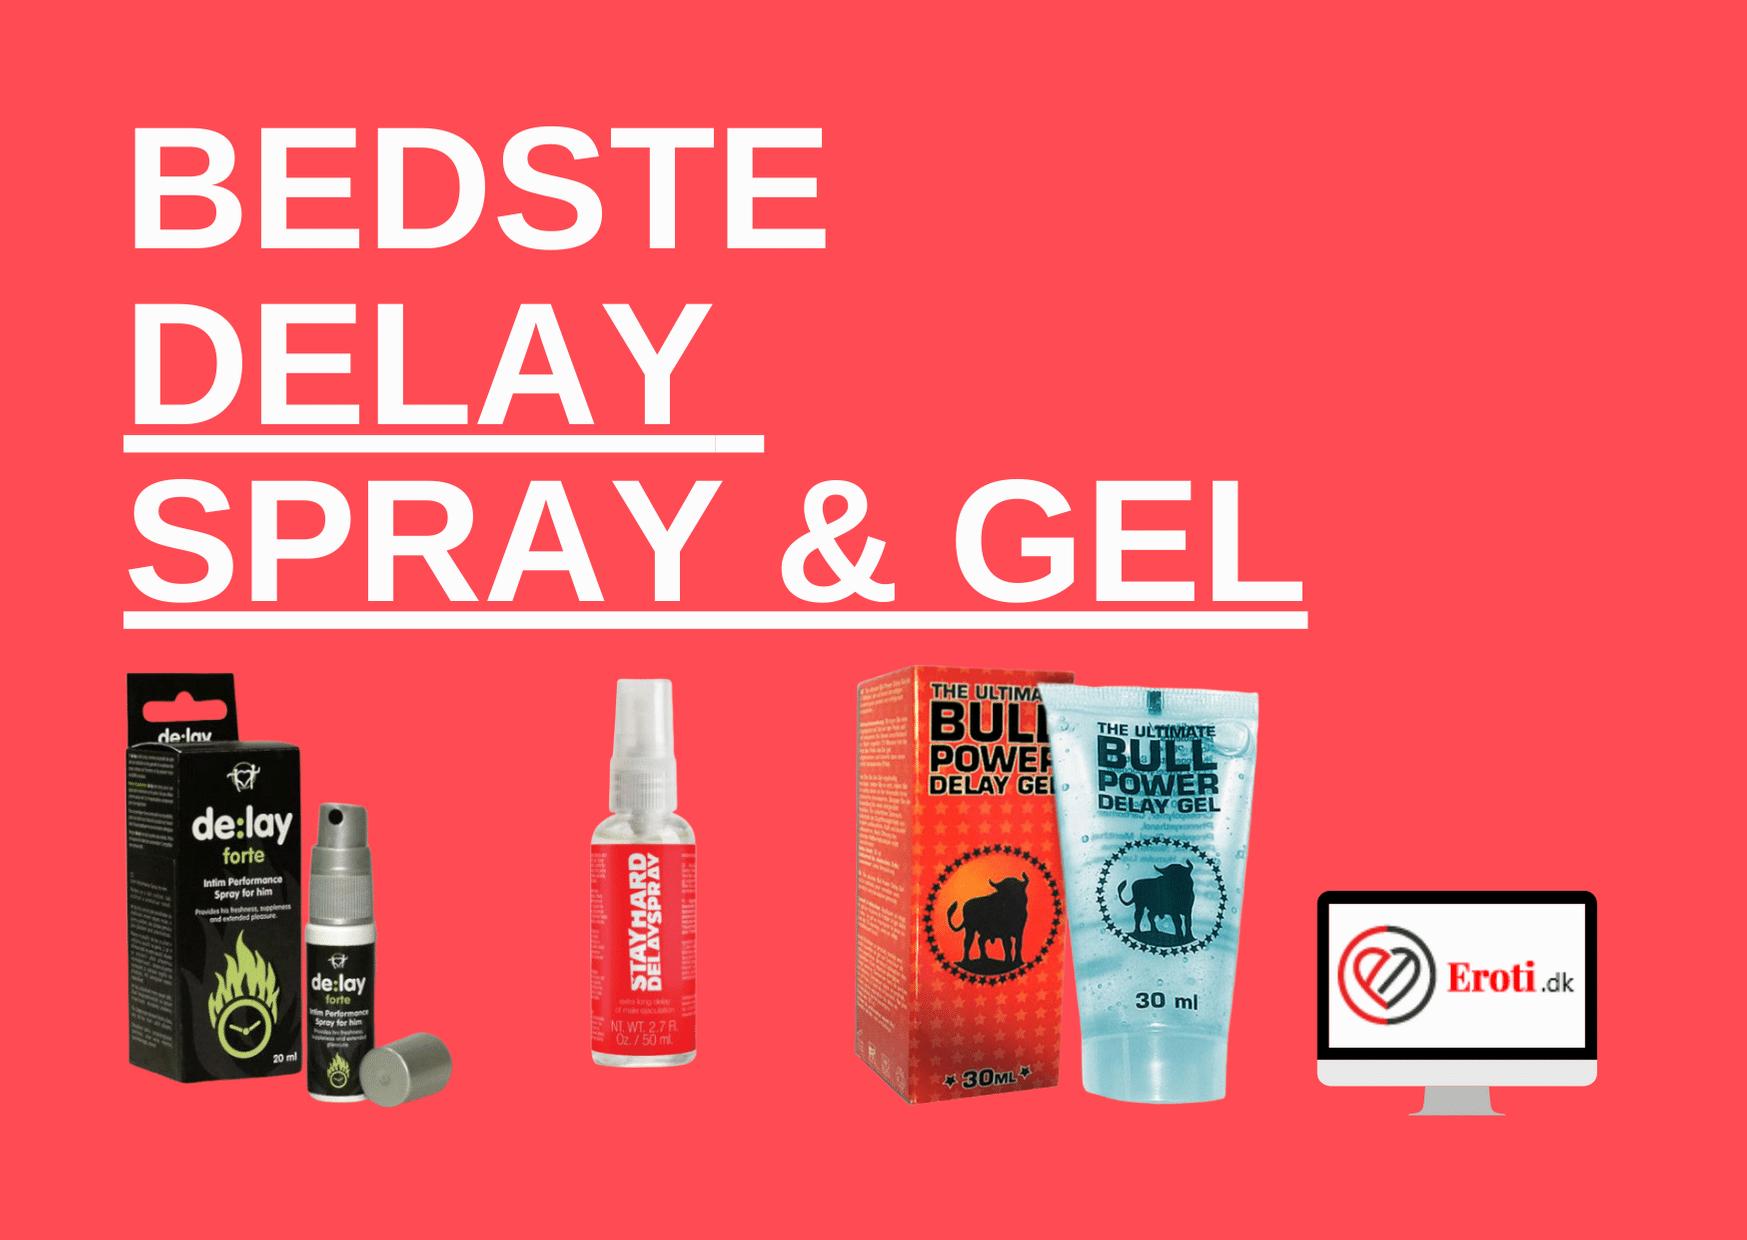 bedste delay spray og gel